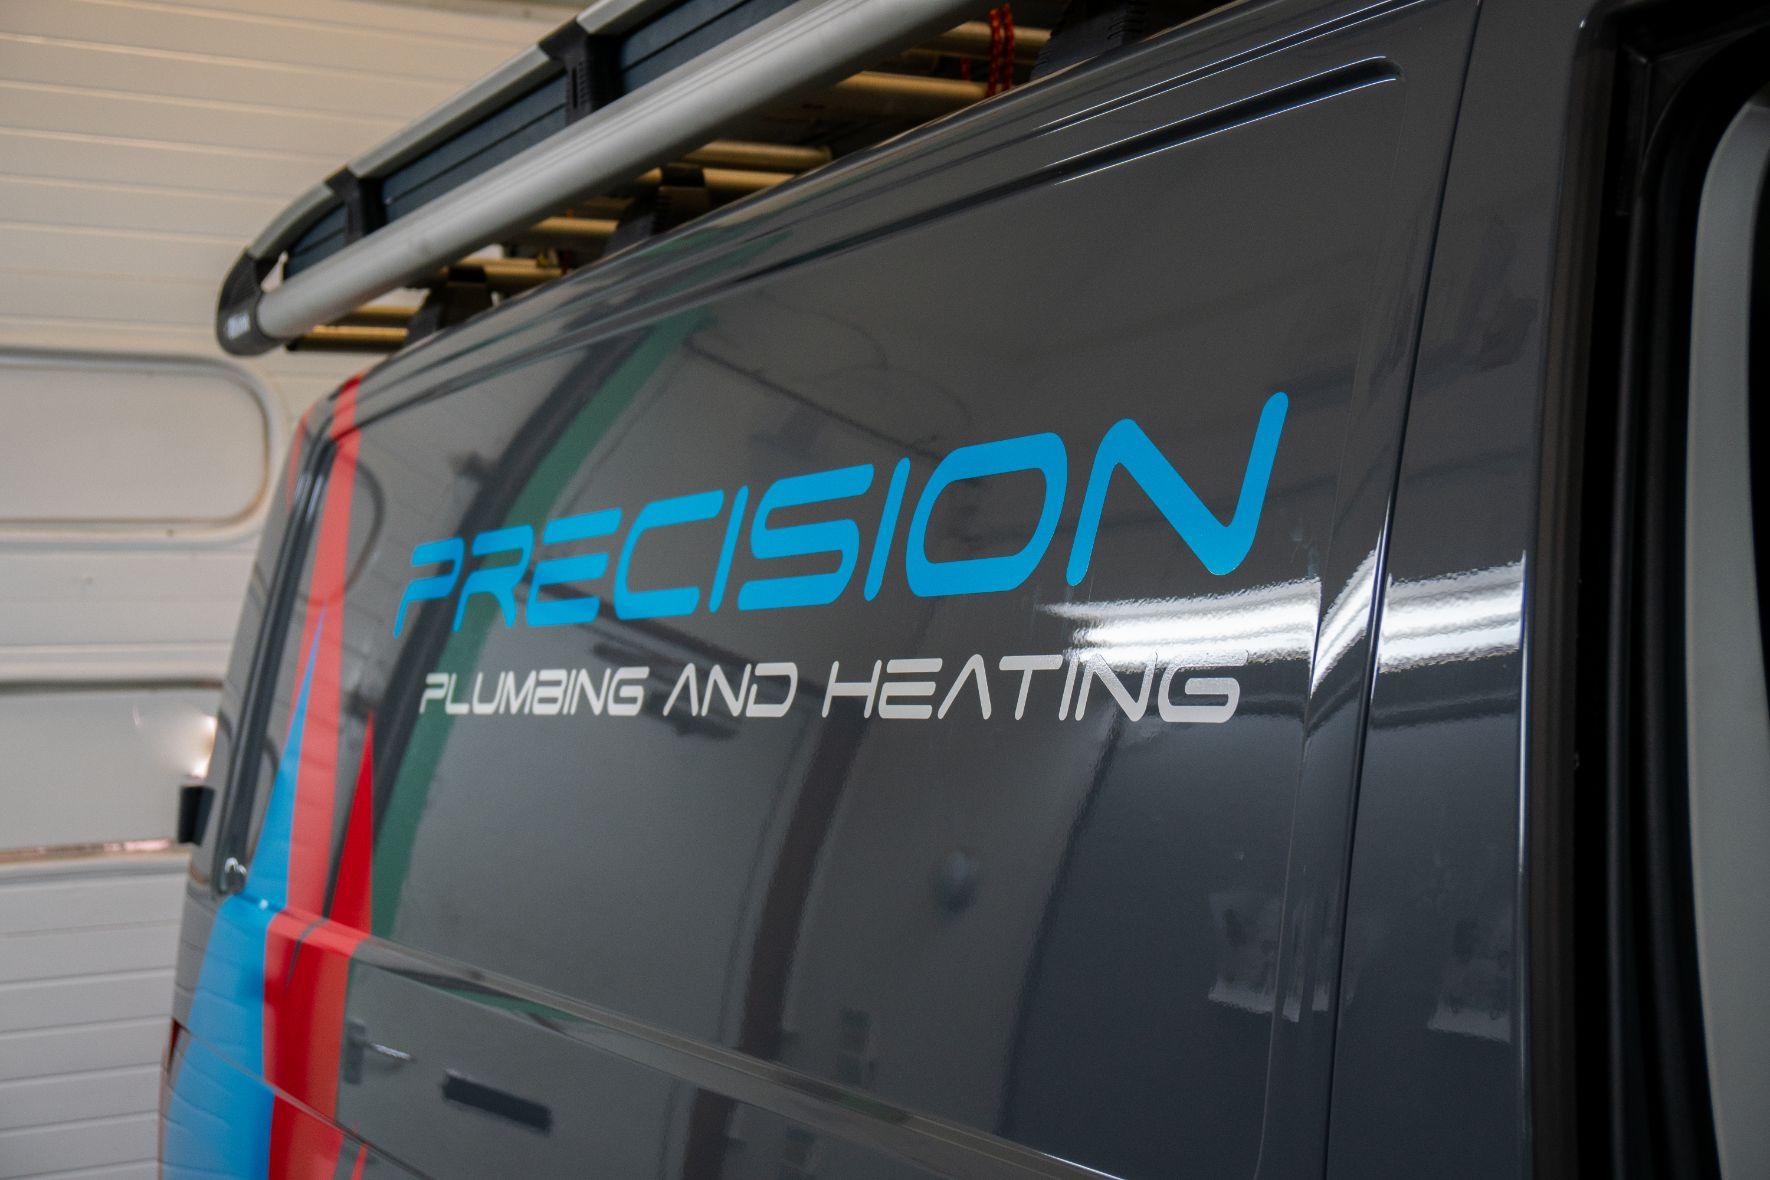 side logo on van